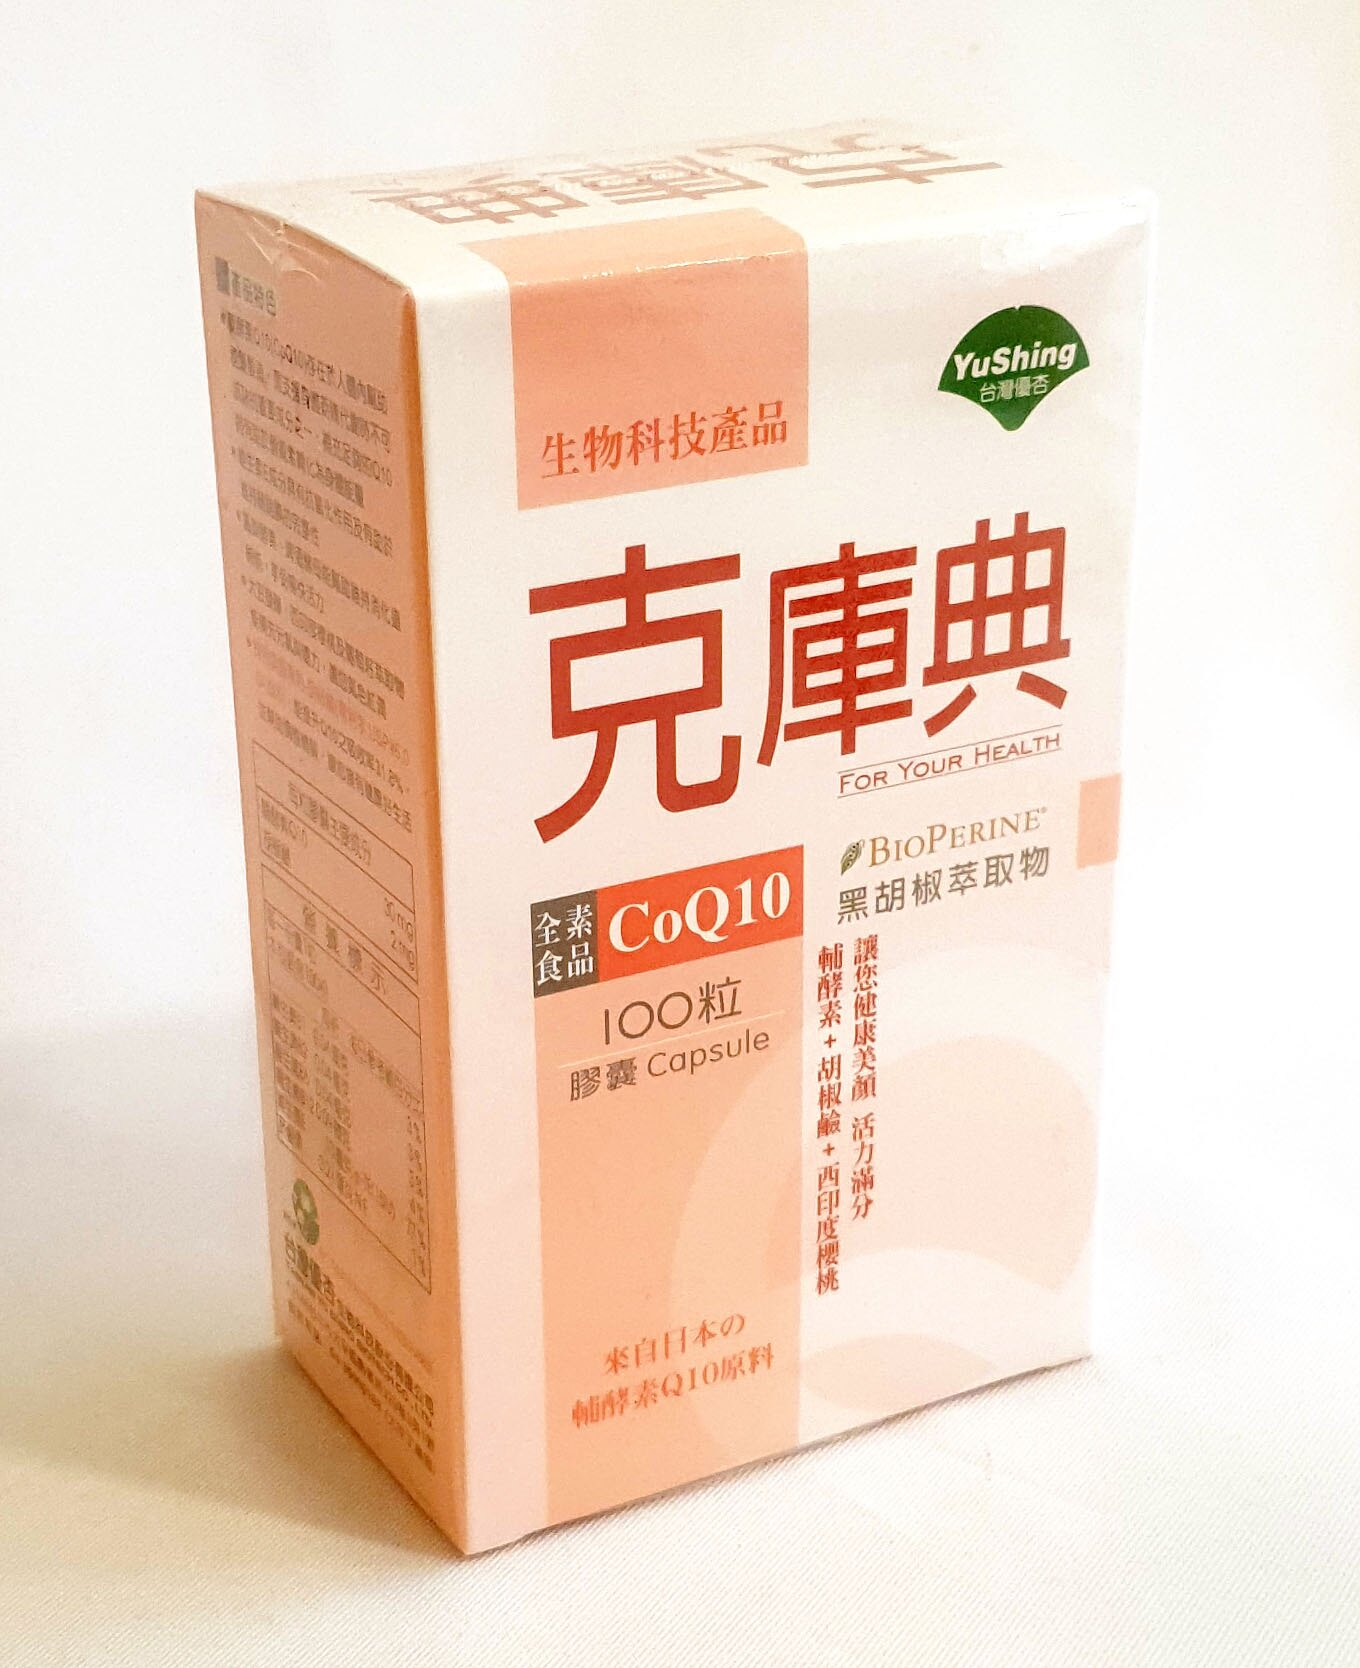 台灣優杏 克庫典(CoQ10)膠囊 100粒/盒 (保健食品/台灣製造)